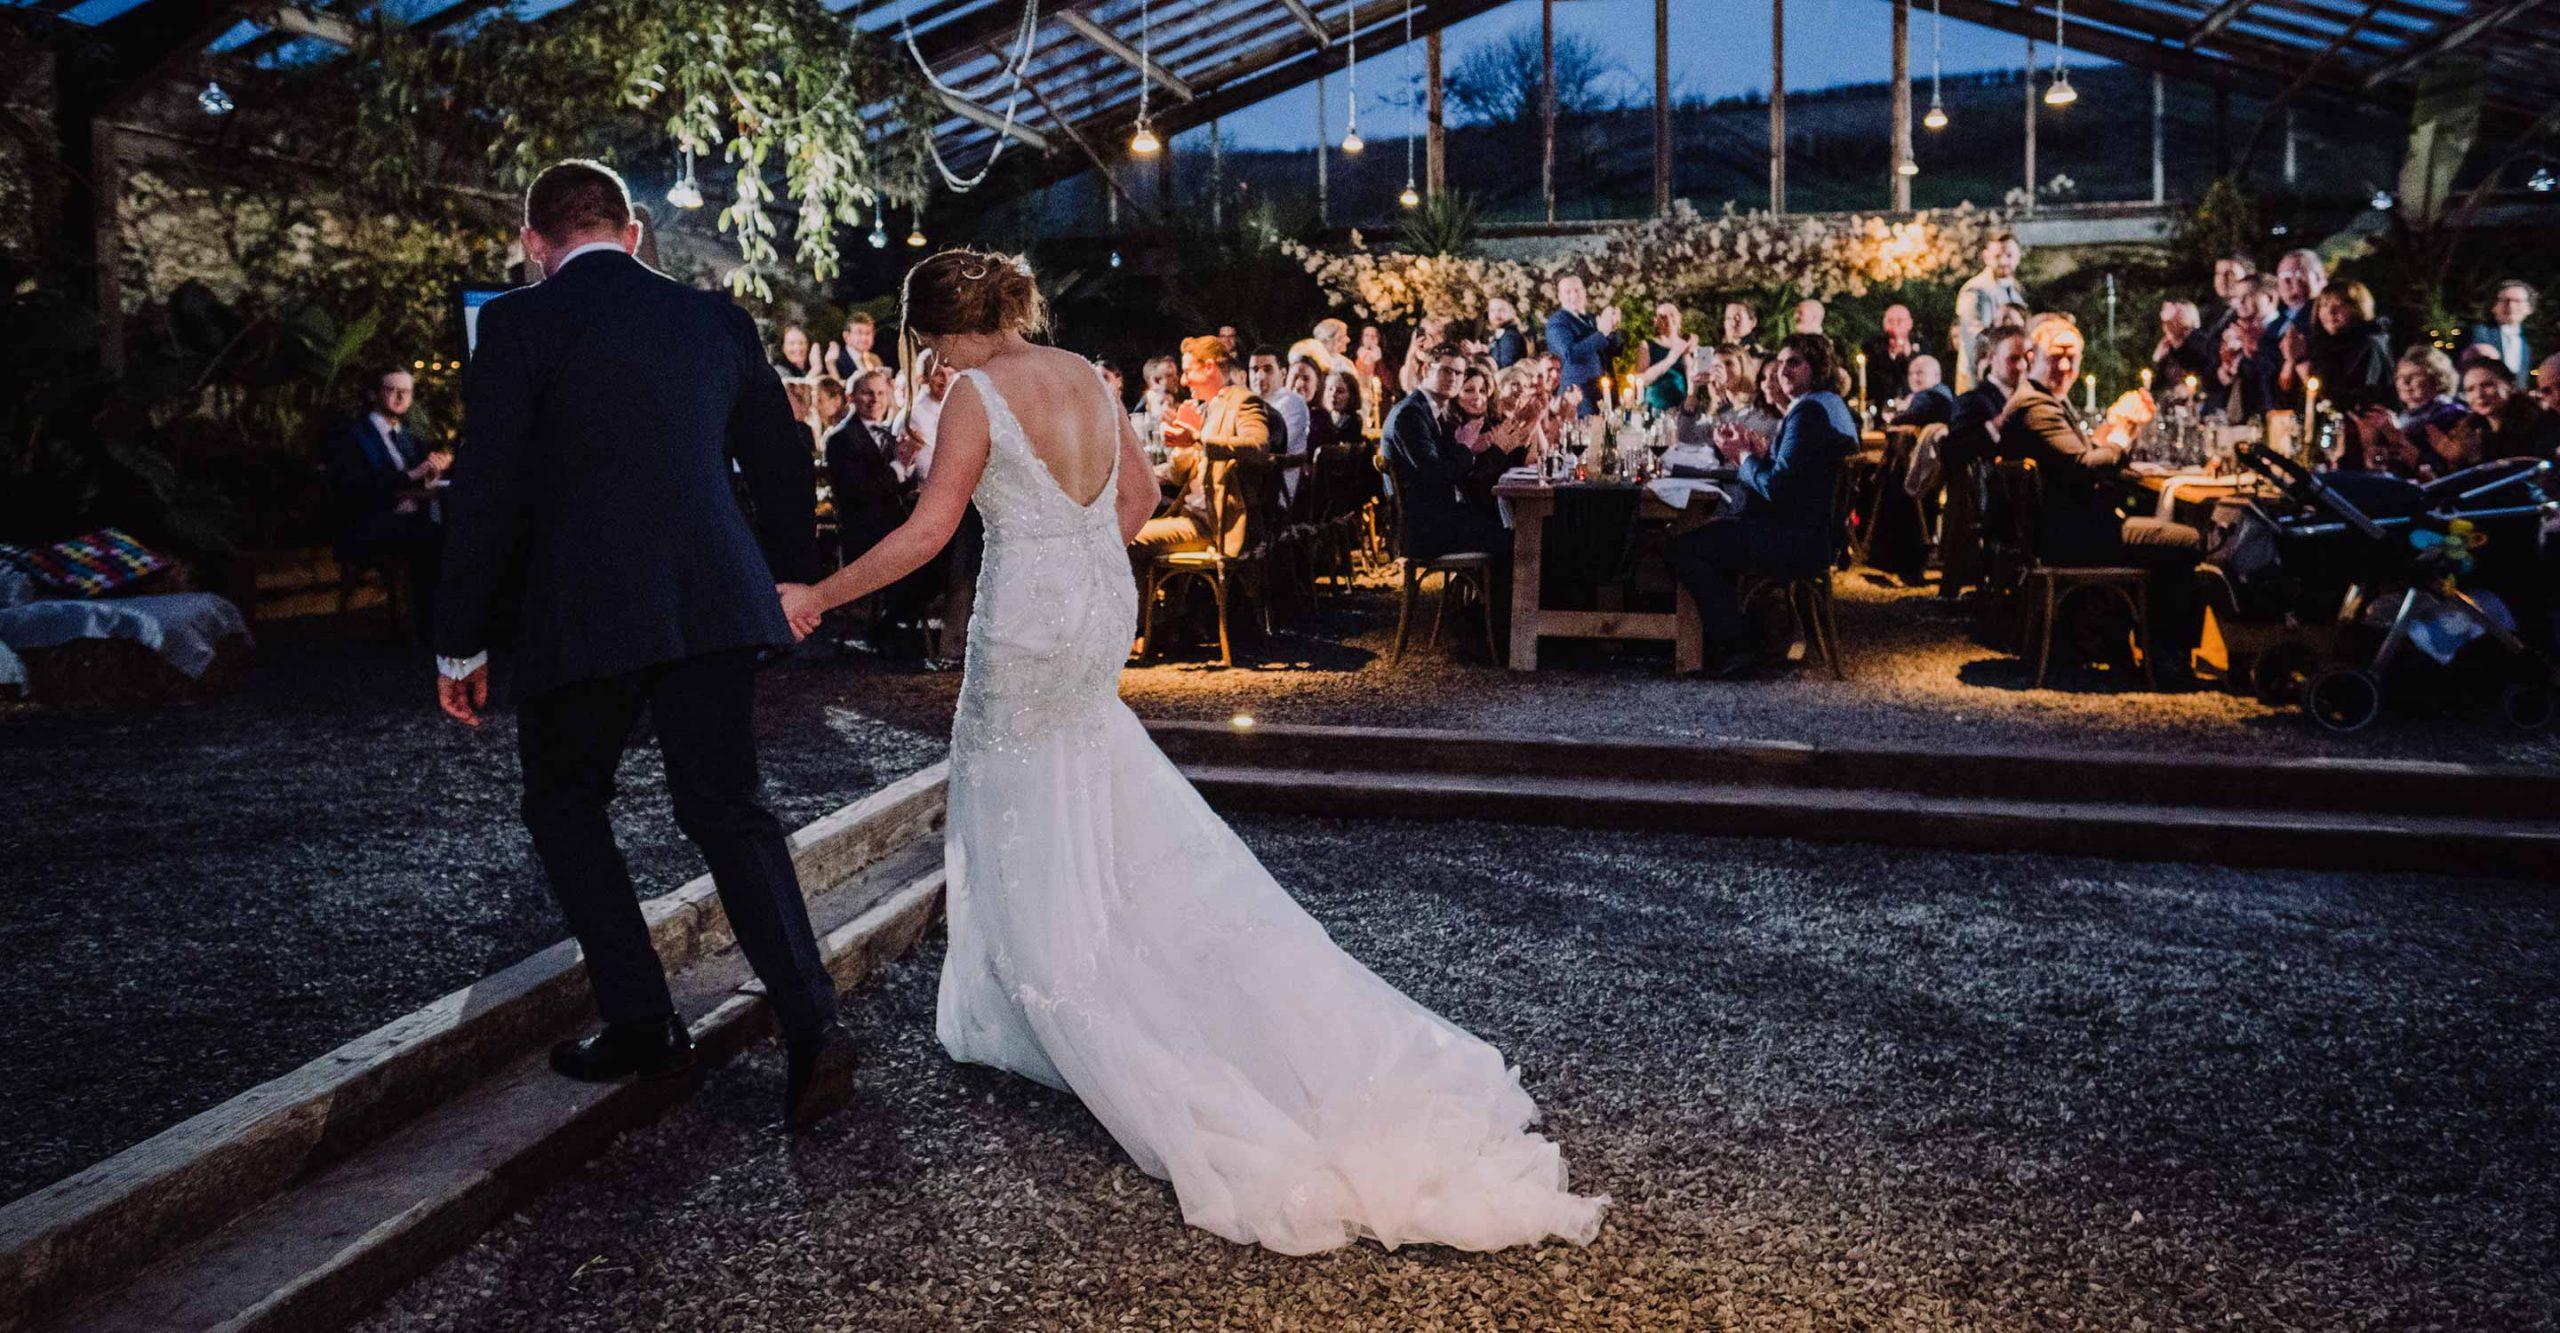 anran in devon wedding photographer, devon wedding